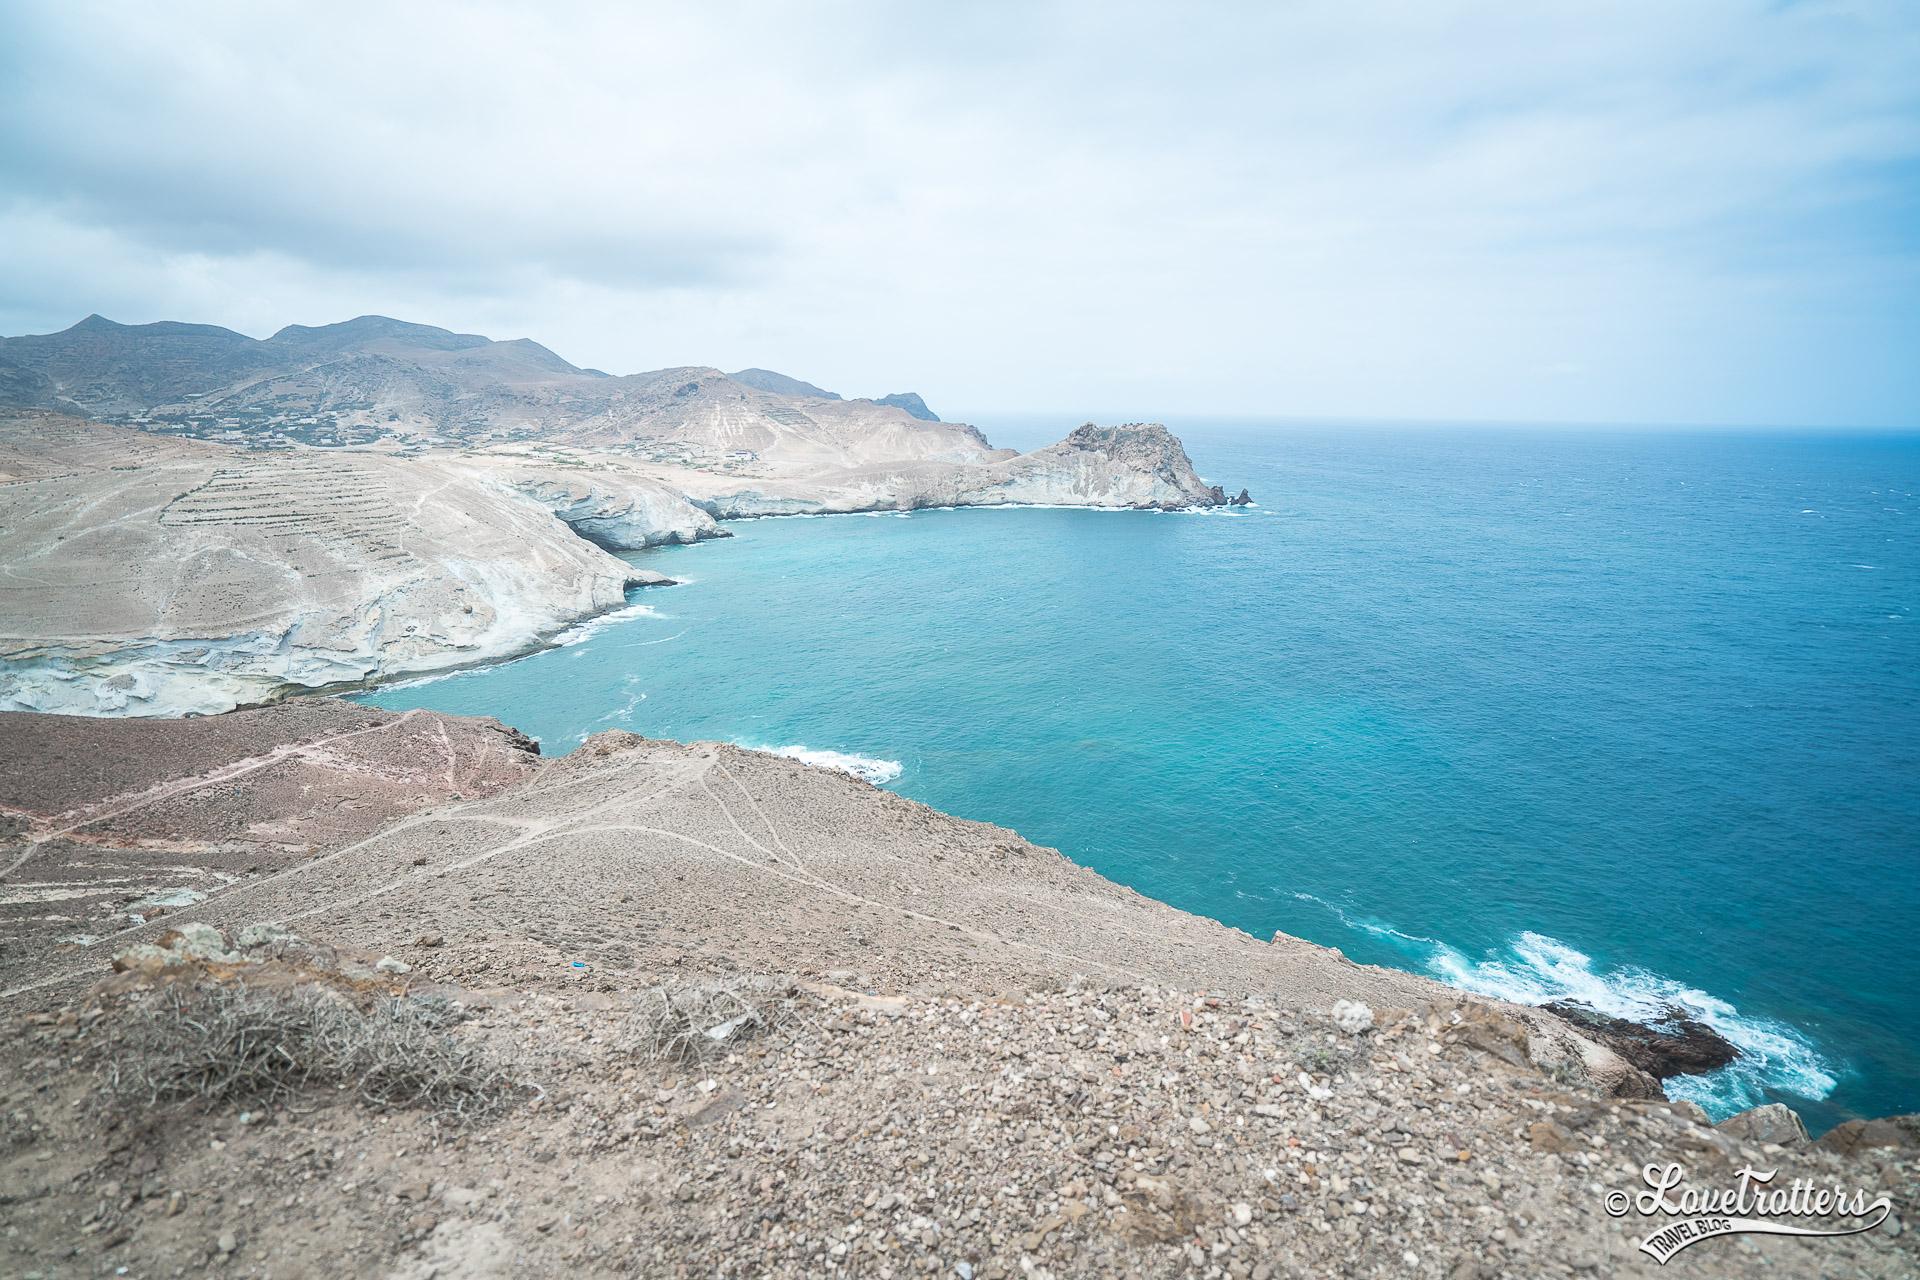 Les plus belles plages sauvages du Maroc : Cap des trois fourches à Nador